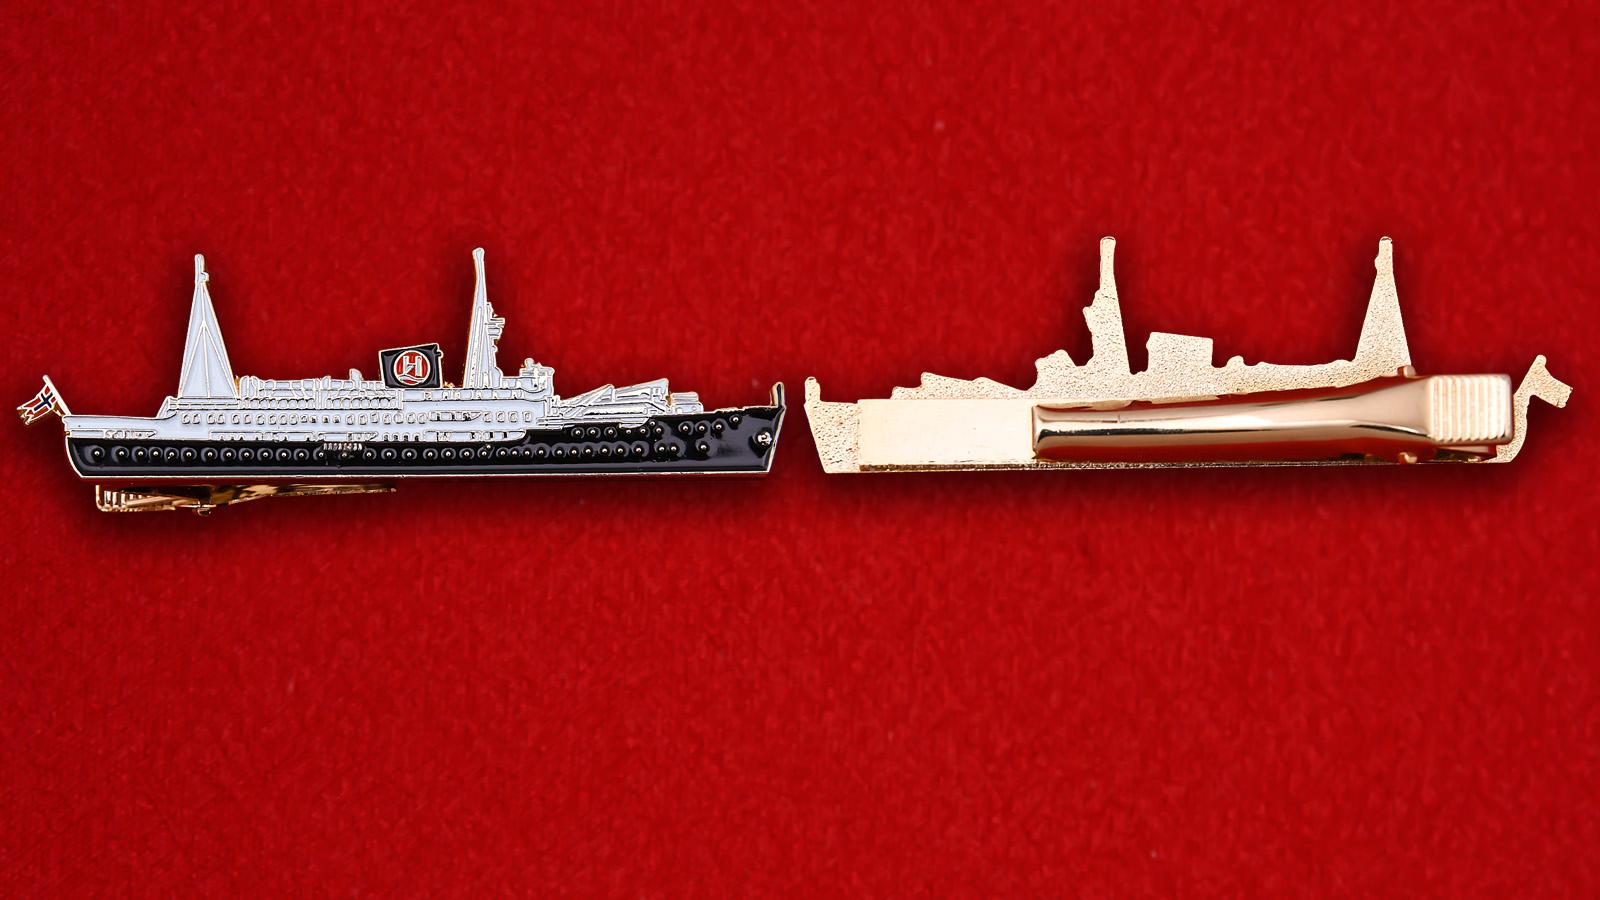 """Зажим для галстука """"Лайнер Lofoten круизной компании Hurtigruten. Норвегия"""""""